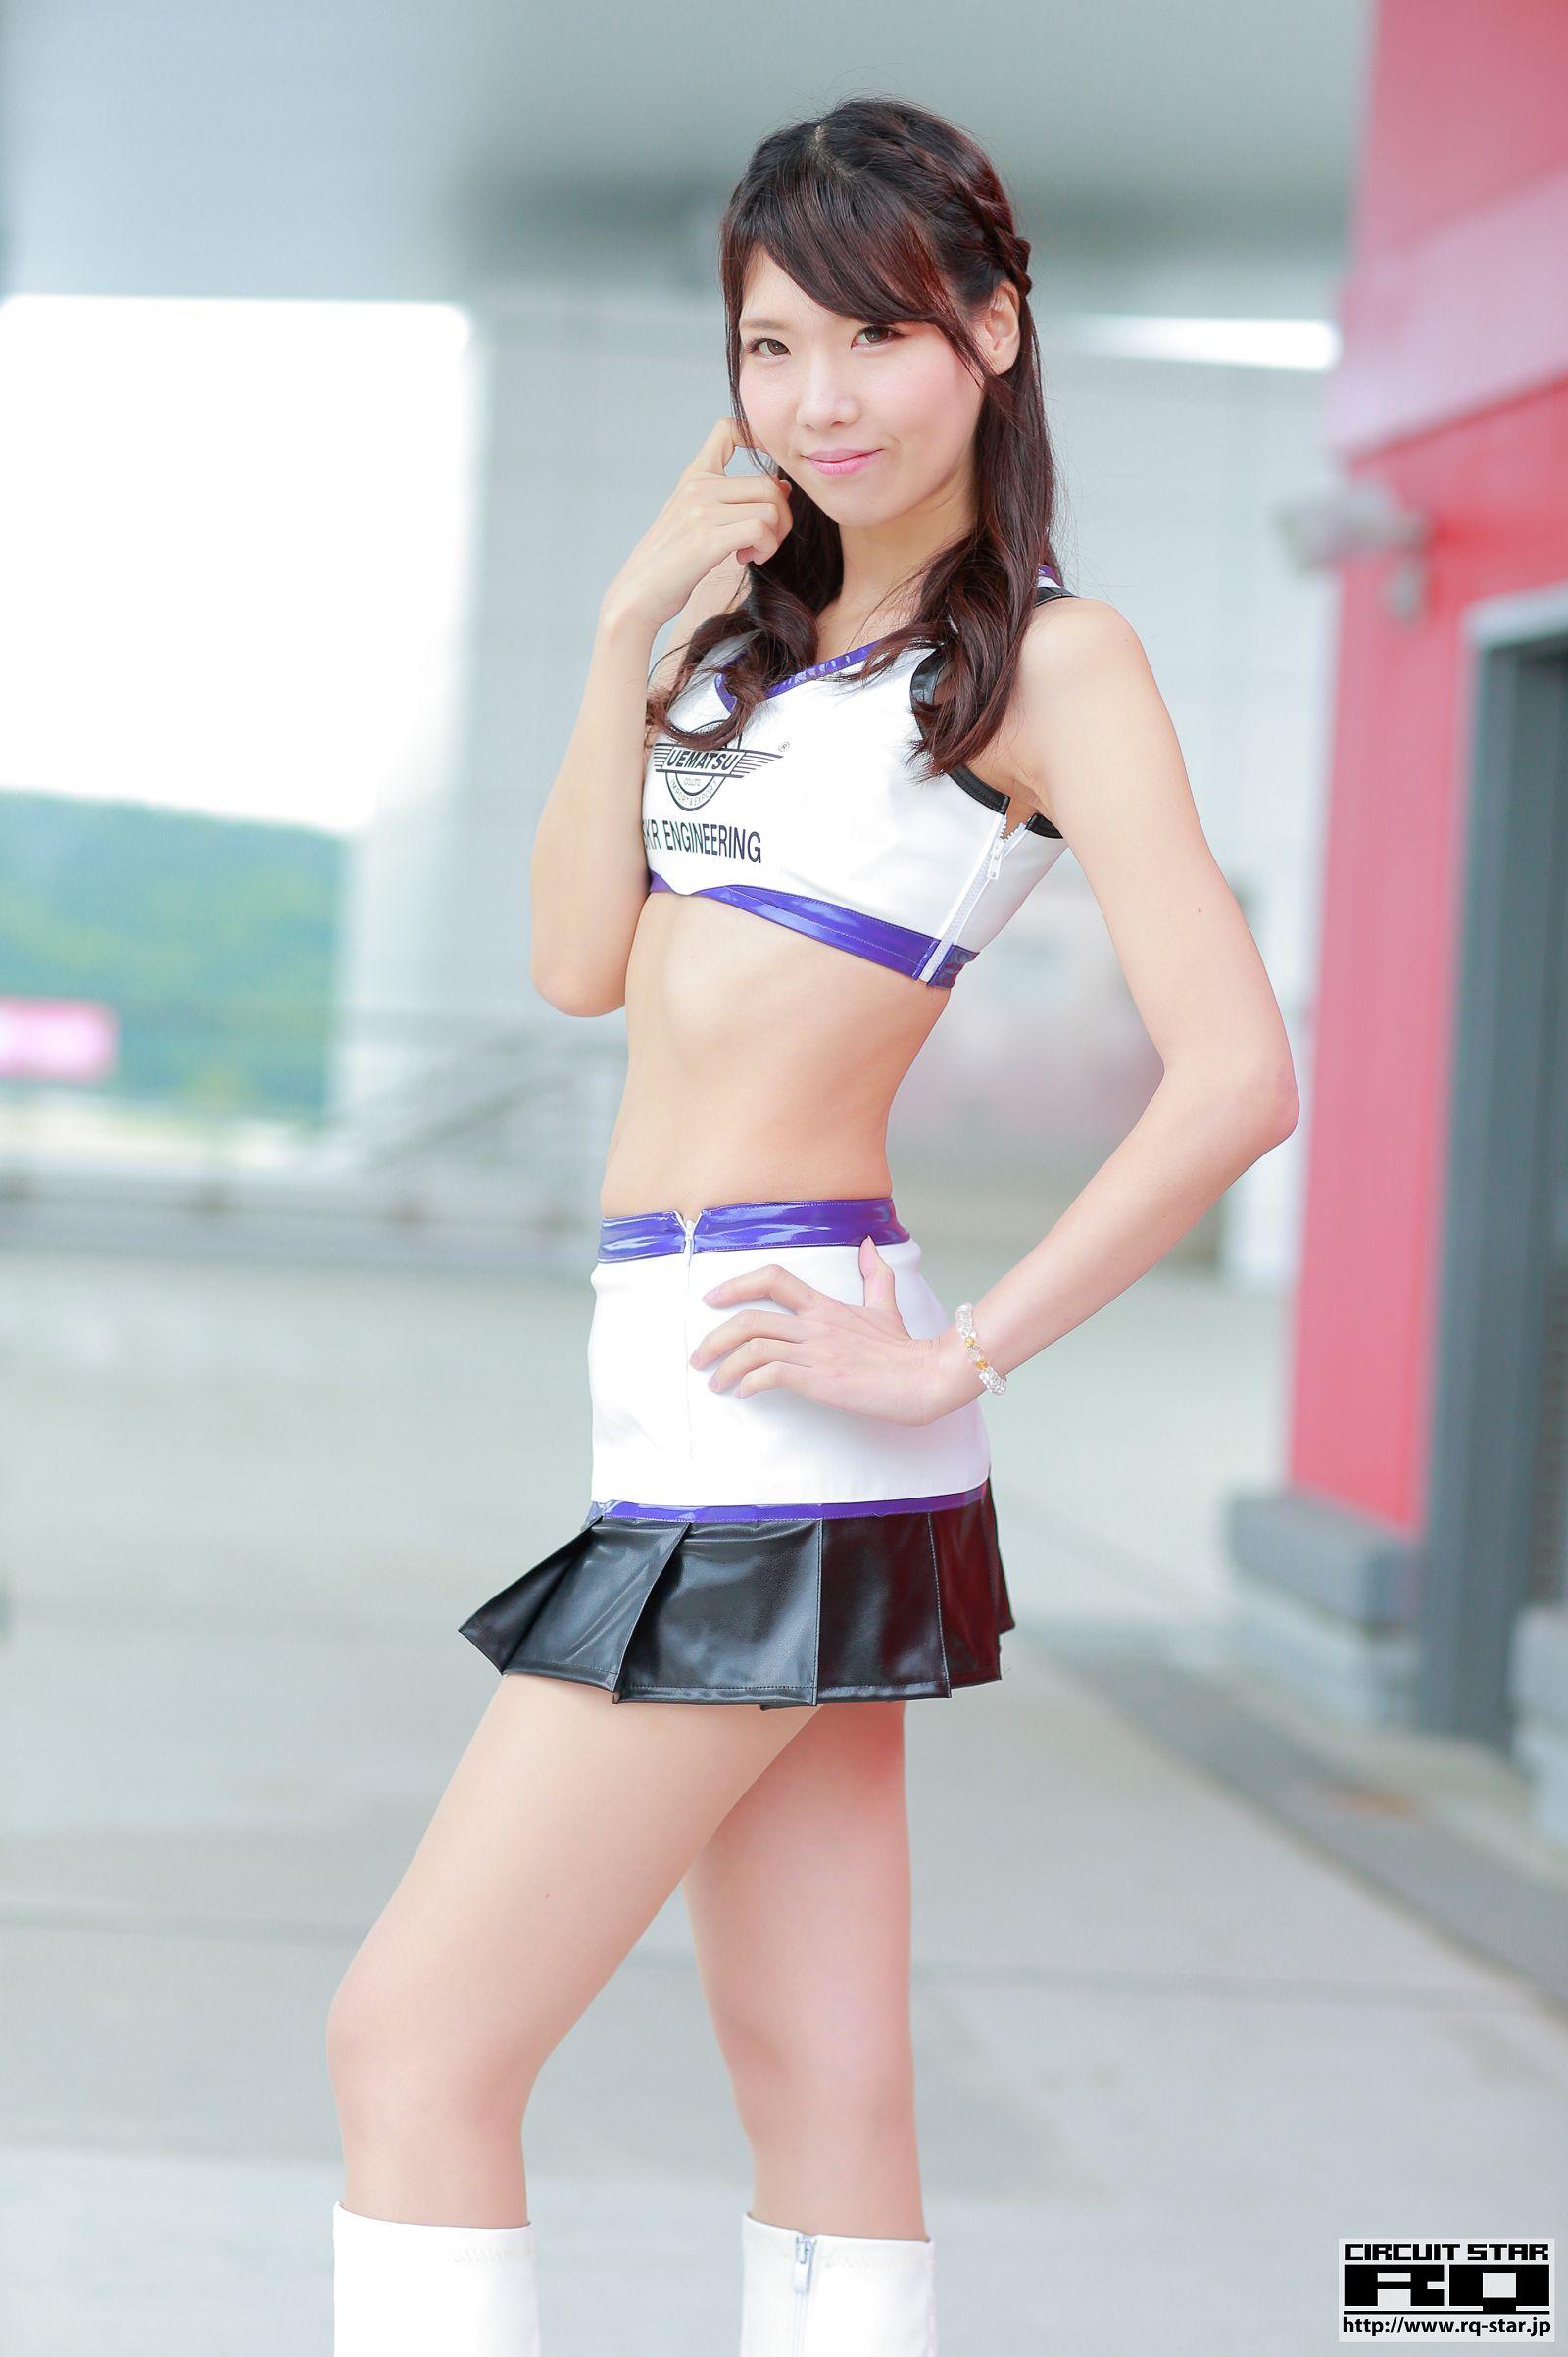 [RQ STAR美女] 2018.01.19 Ayumi Serizawa 芹沢歩 Race Queen[33P] RQ STAR 第3张